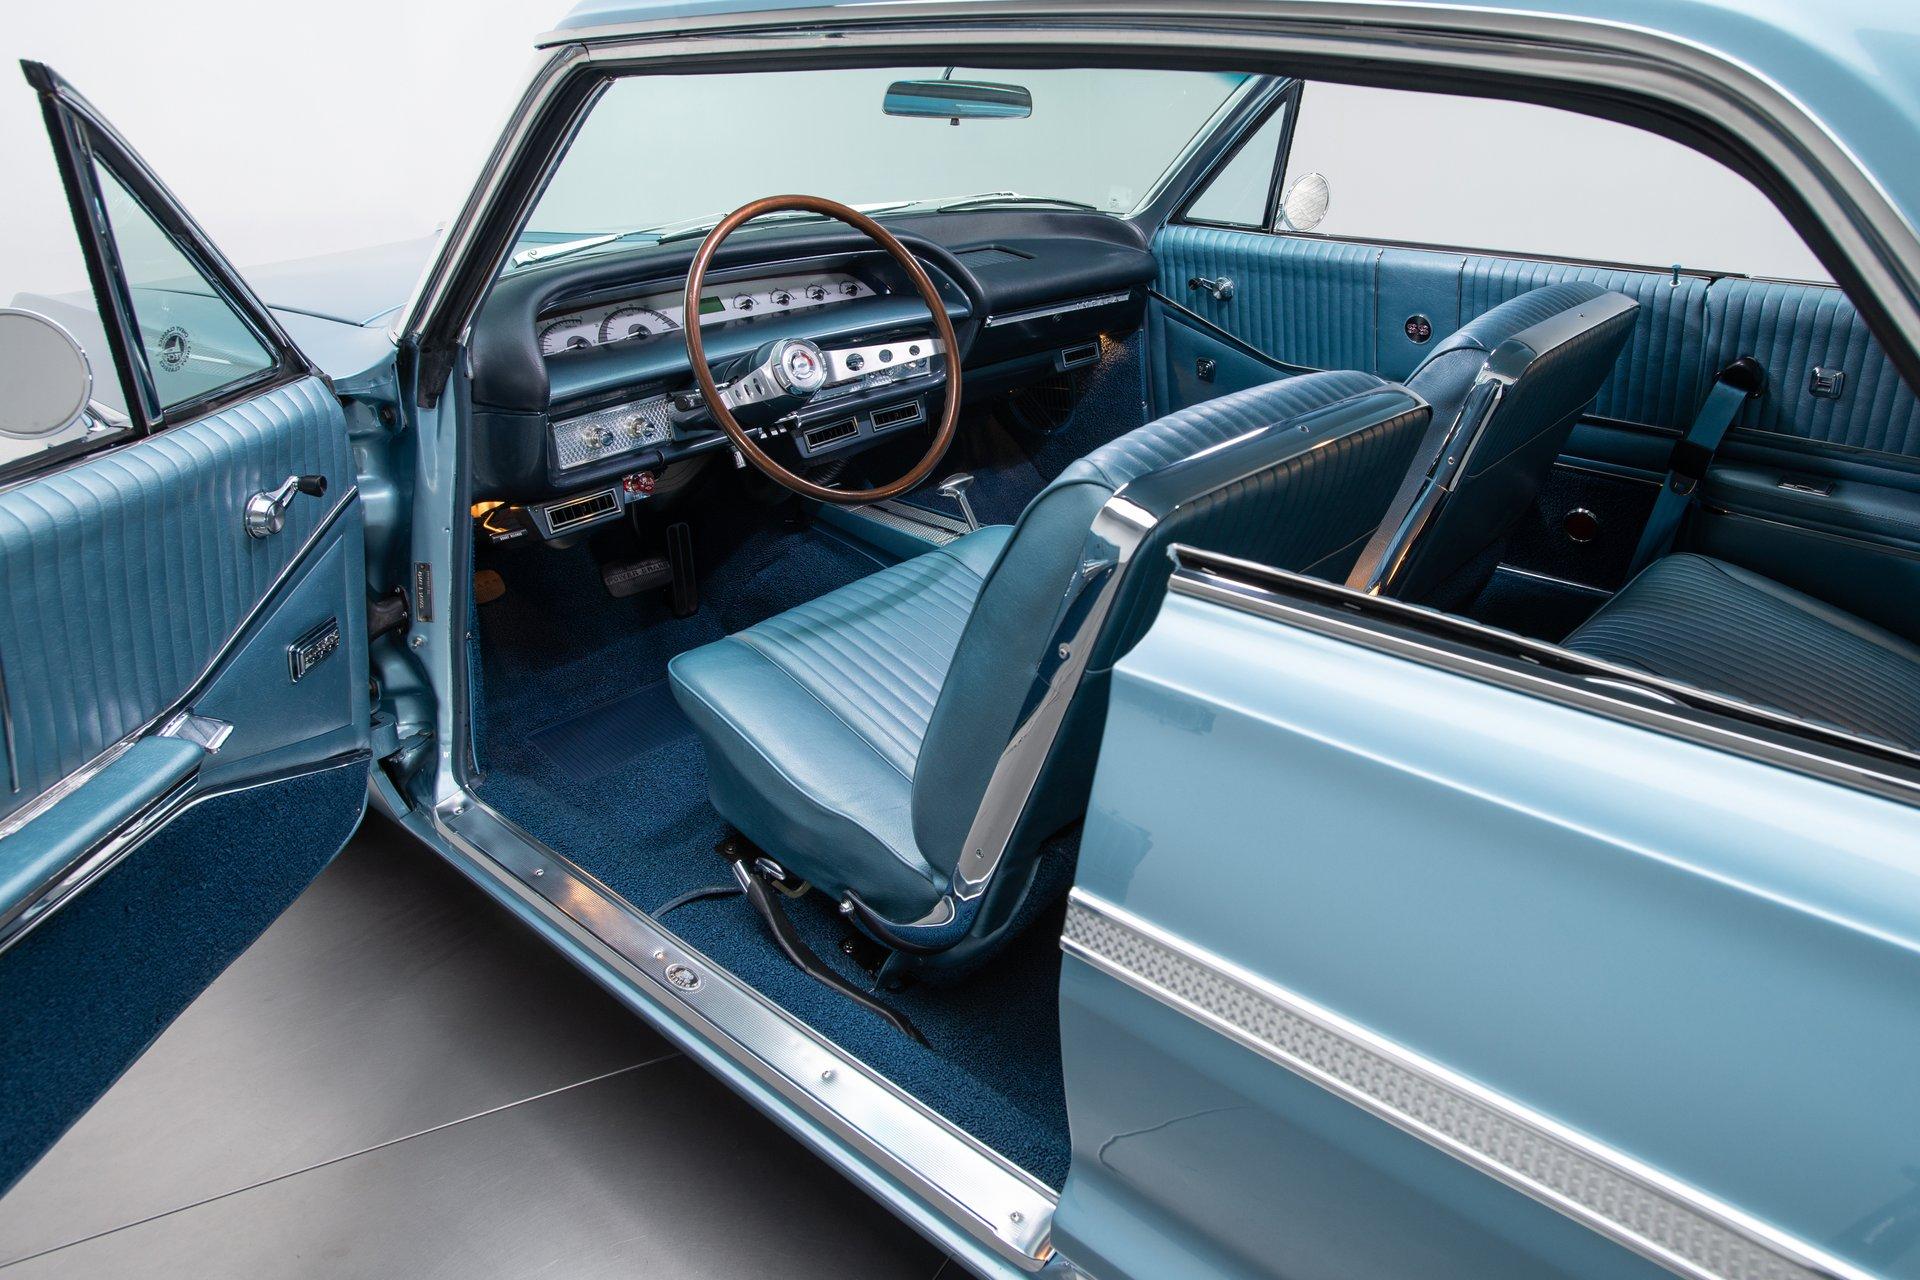 Astounding 1964 Chevrolet Impala Ss For Sale 106033 Mcg Short Links Chair Design For Home Short Linksinfo